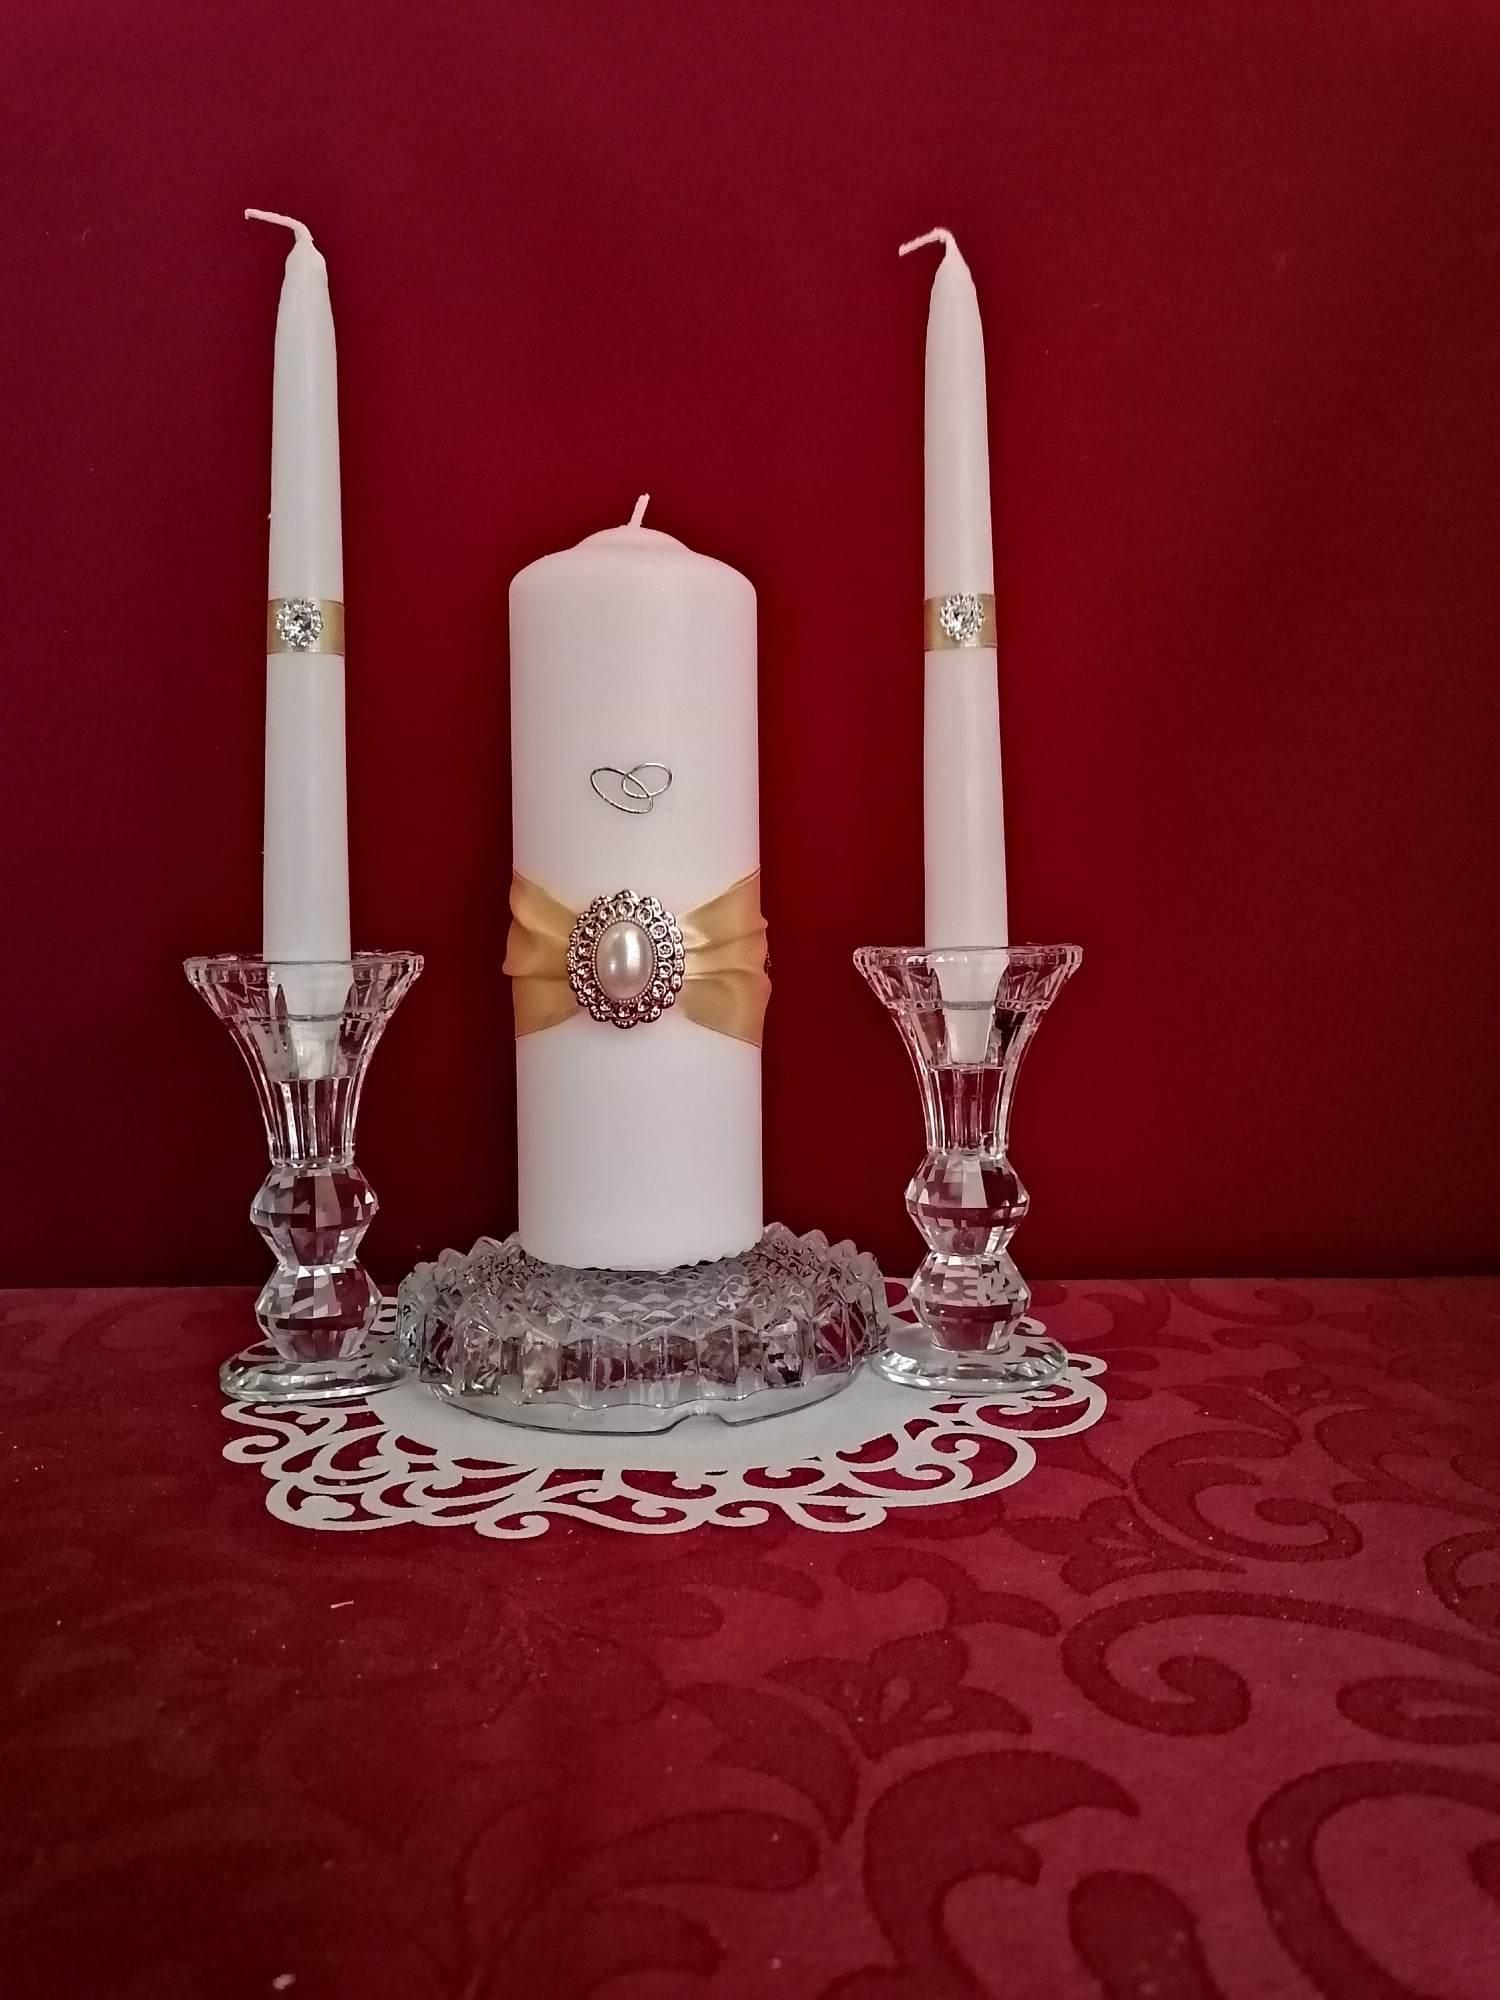 esküvői gyertyaszett arany díszítéssel (3 részes)